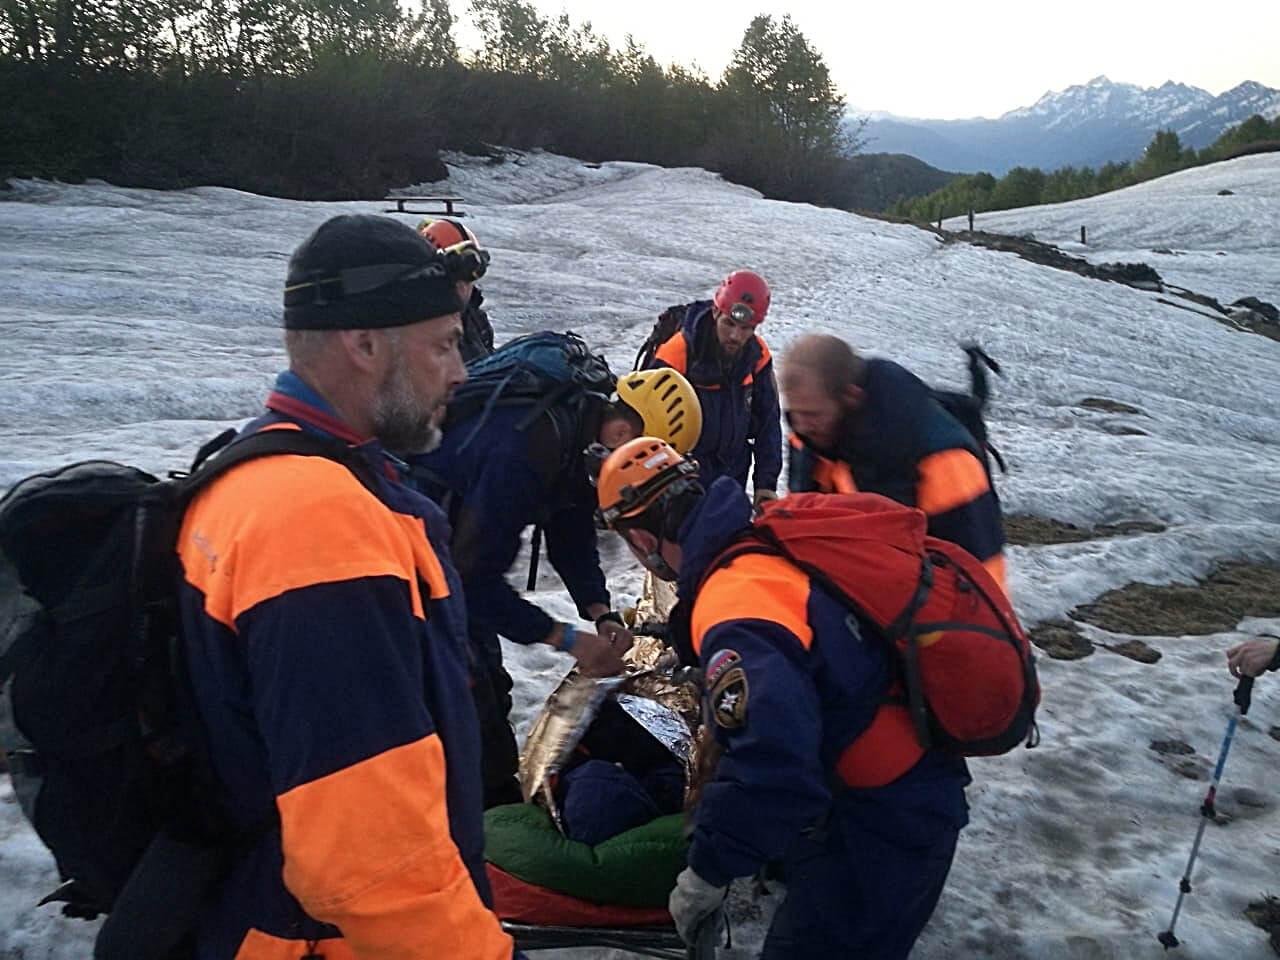 В горах Сочи спасатели на носилках эвакуировали туристку с острой болью в почках